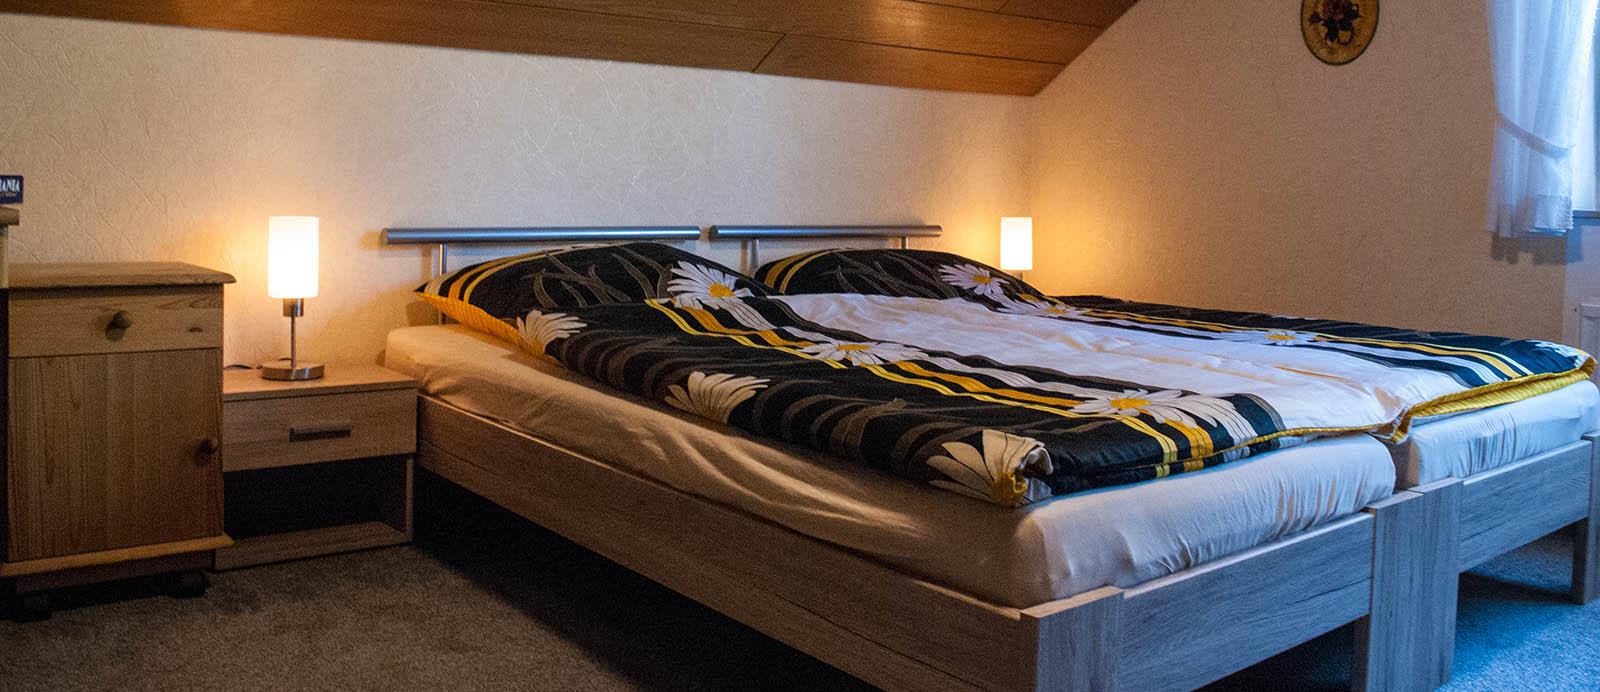 Schlafzimmer. Hier Befinden Sich 2 Betten, Welche Sich Nach Wunsch Einzeln  Oder Zusammen Stellen Lassen. Weiterhin Stehen Ihnen Im Zimmer Ein  Kleiderschrank ...